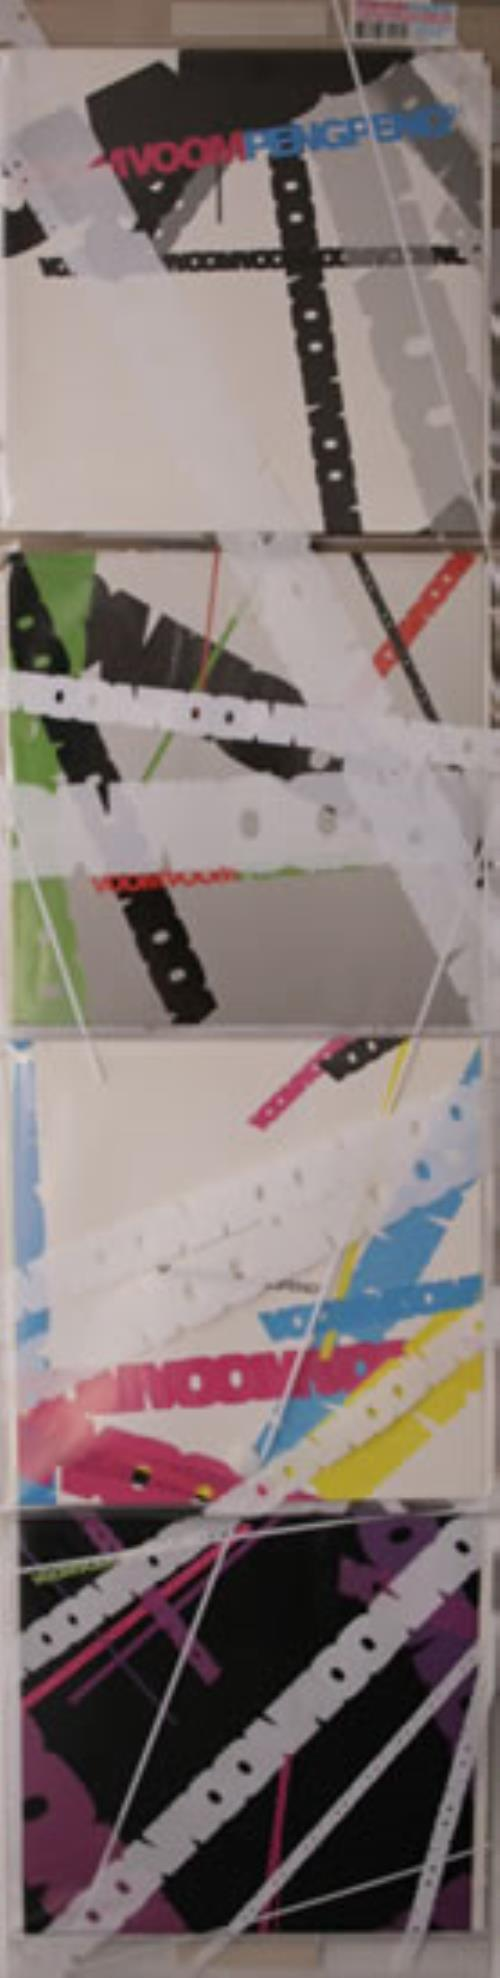 Voom: Voom Peng Peng 4-LP vinyl album set (4 records) German VO34LPE553715